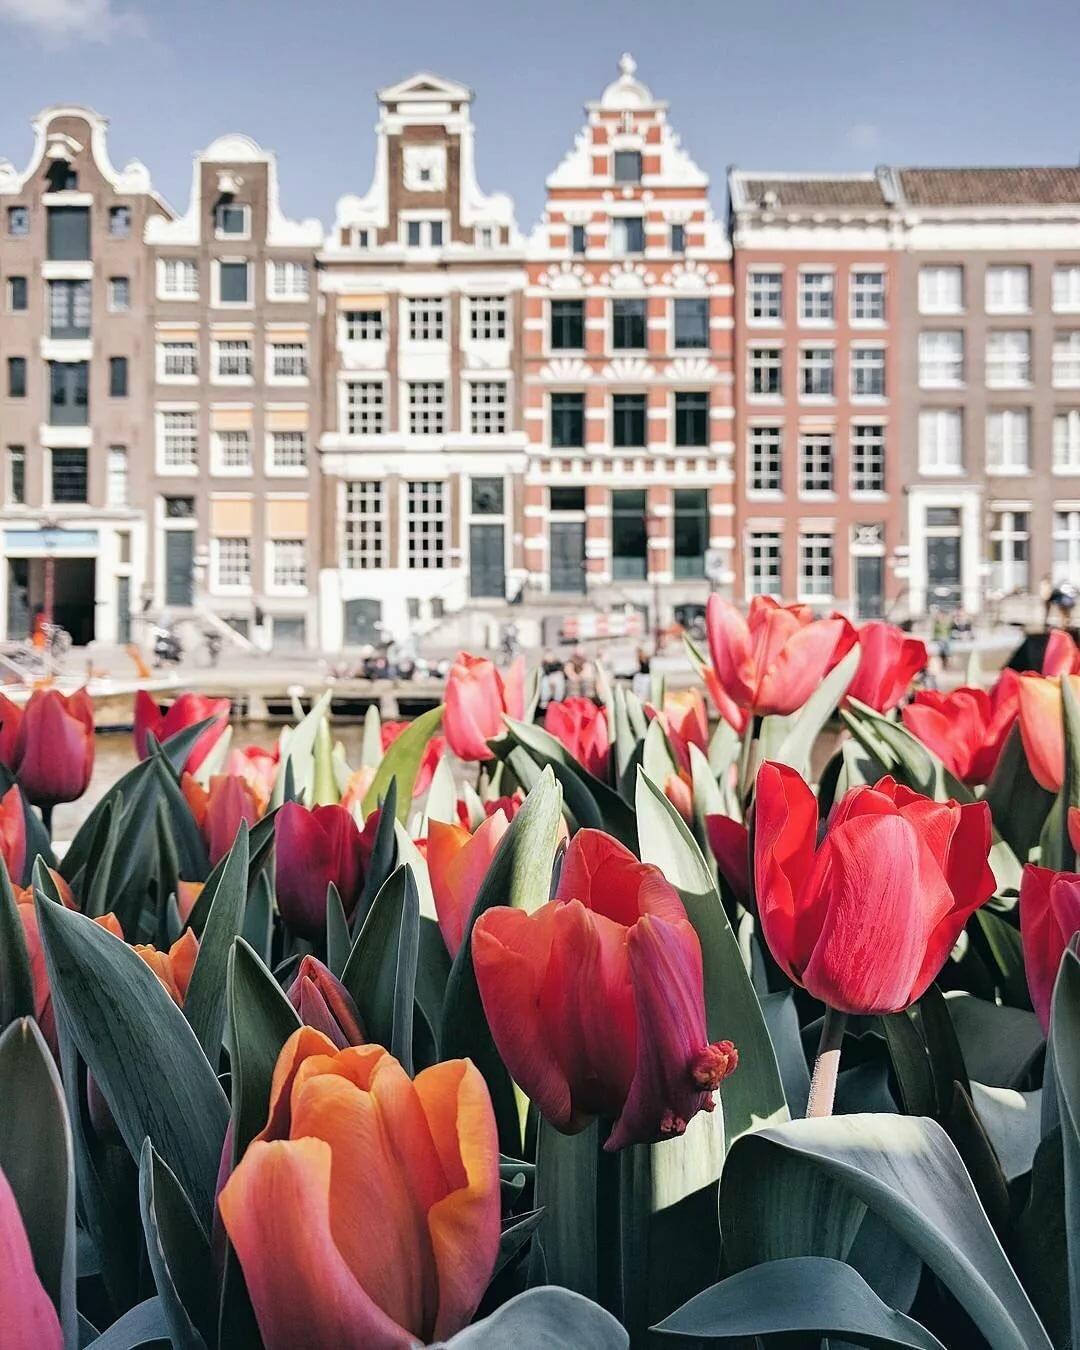 картинка города голландия тюльпаны орган имеет богатую